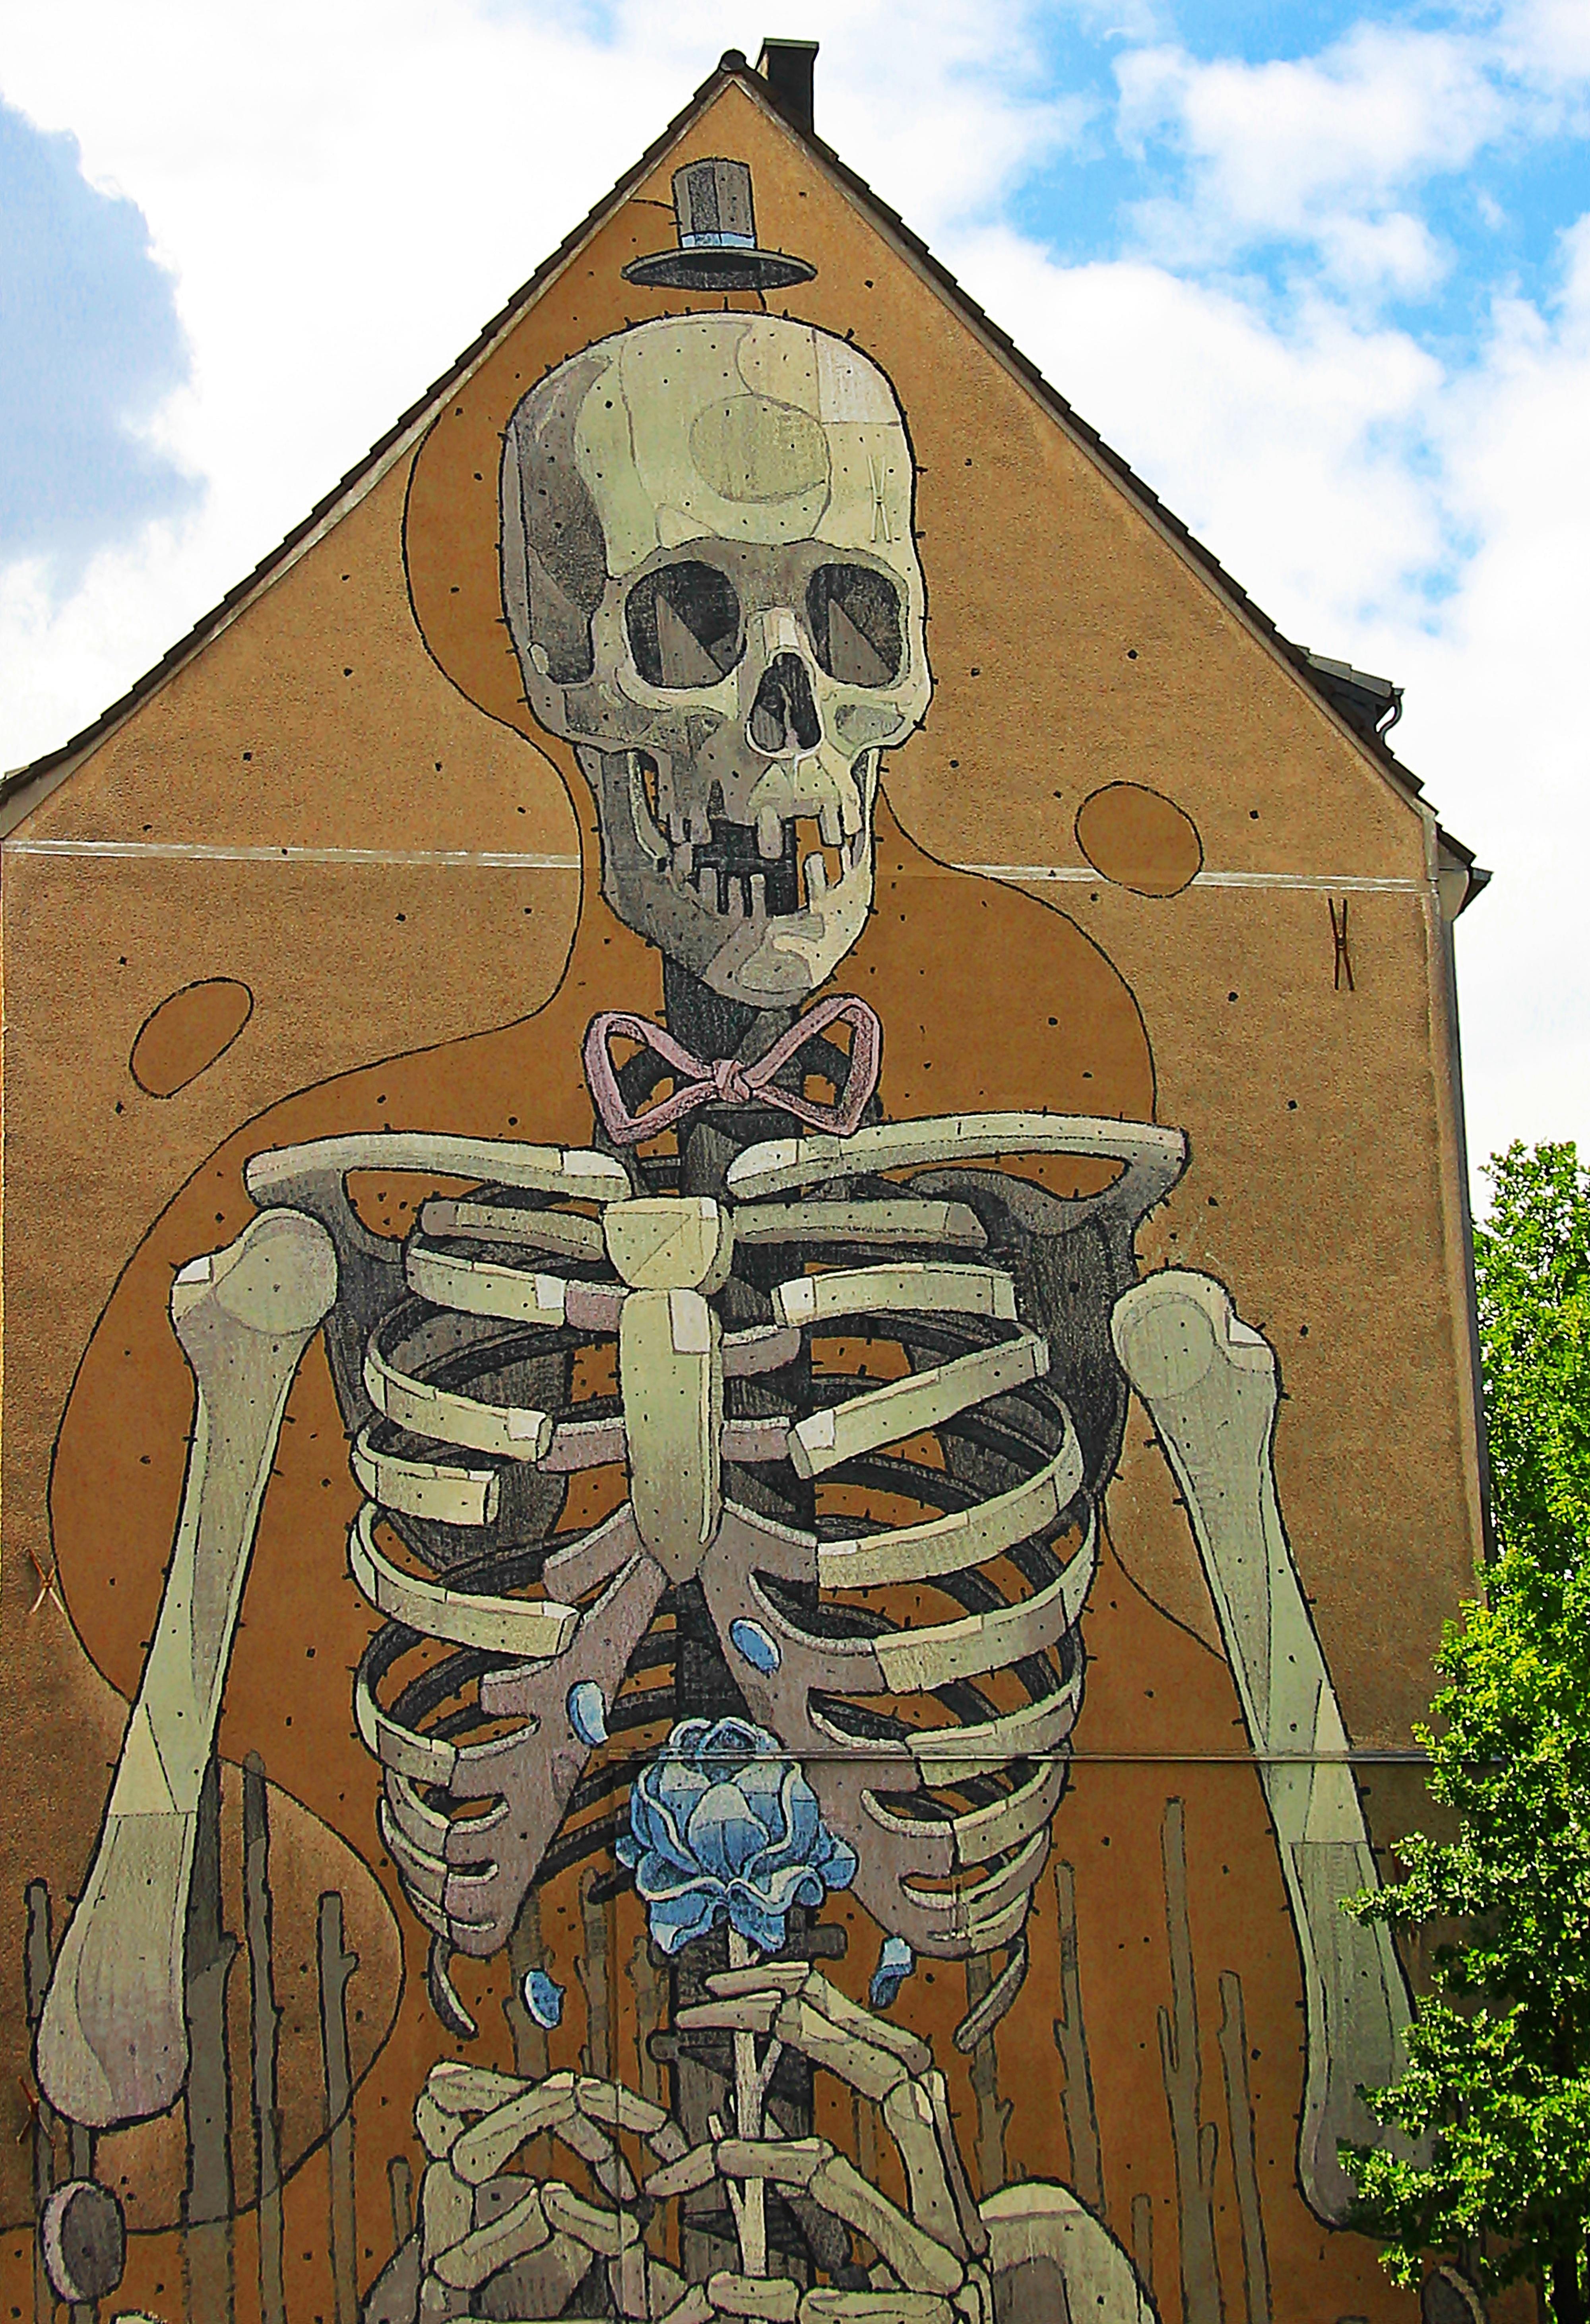 Fotoğraf Gökyüzü Anıt şehir Merkezinde Sprey Cephe Duvar